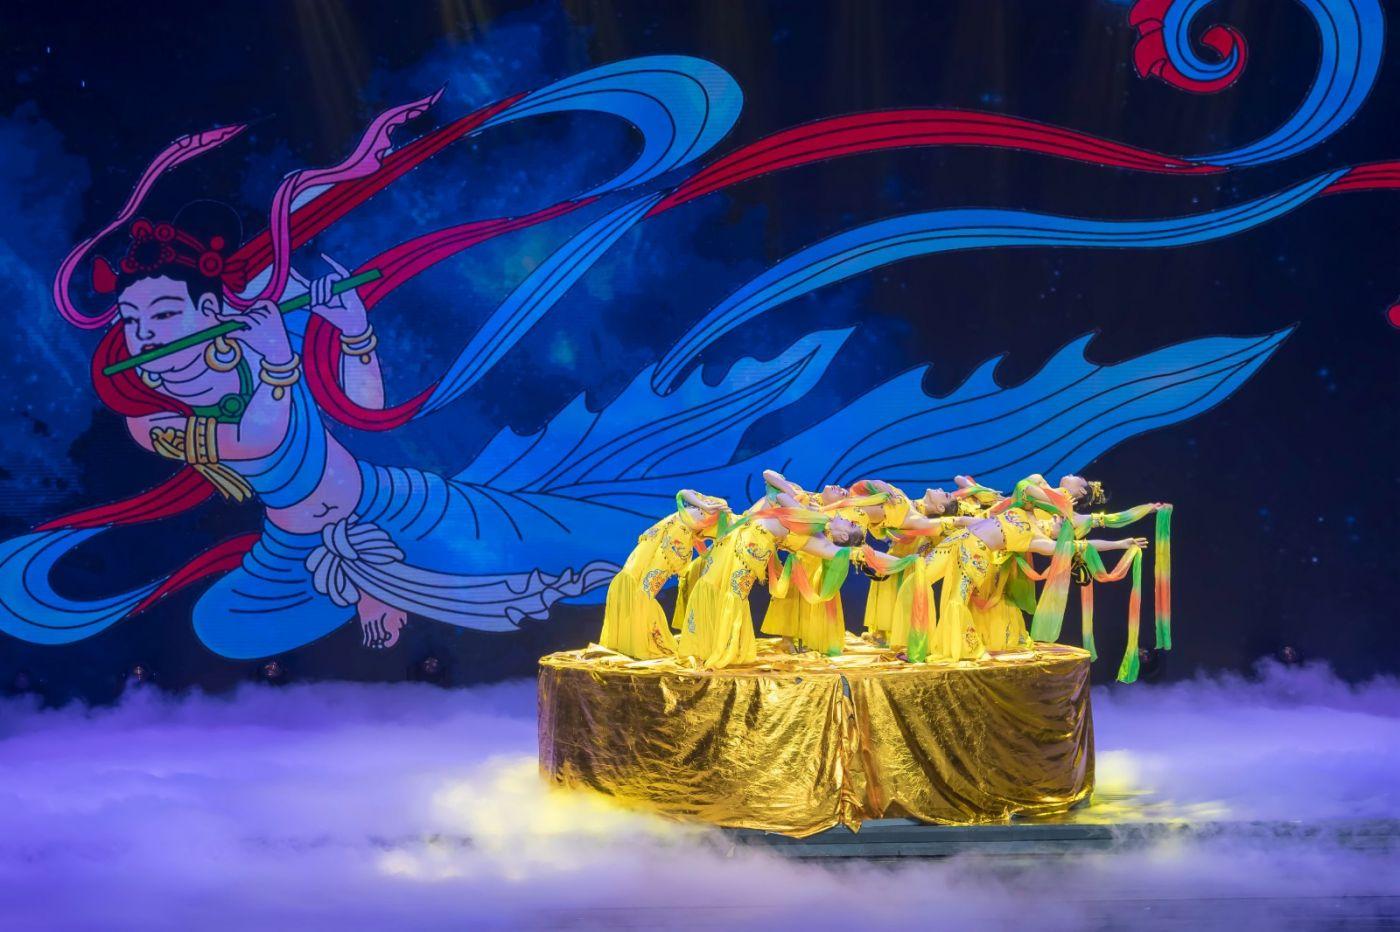 沂蒙大地上 有一种舞蹈叫飞天 这是几位临沂女孩的杰作 美轮美奂 ..._图1-48